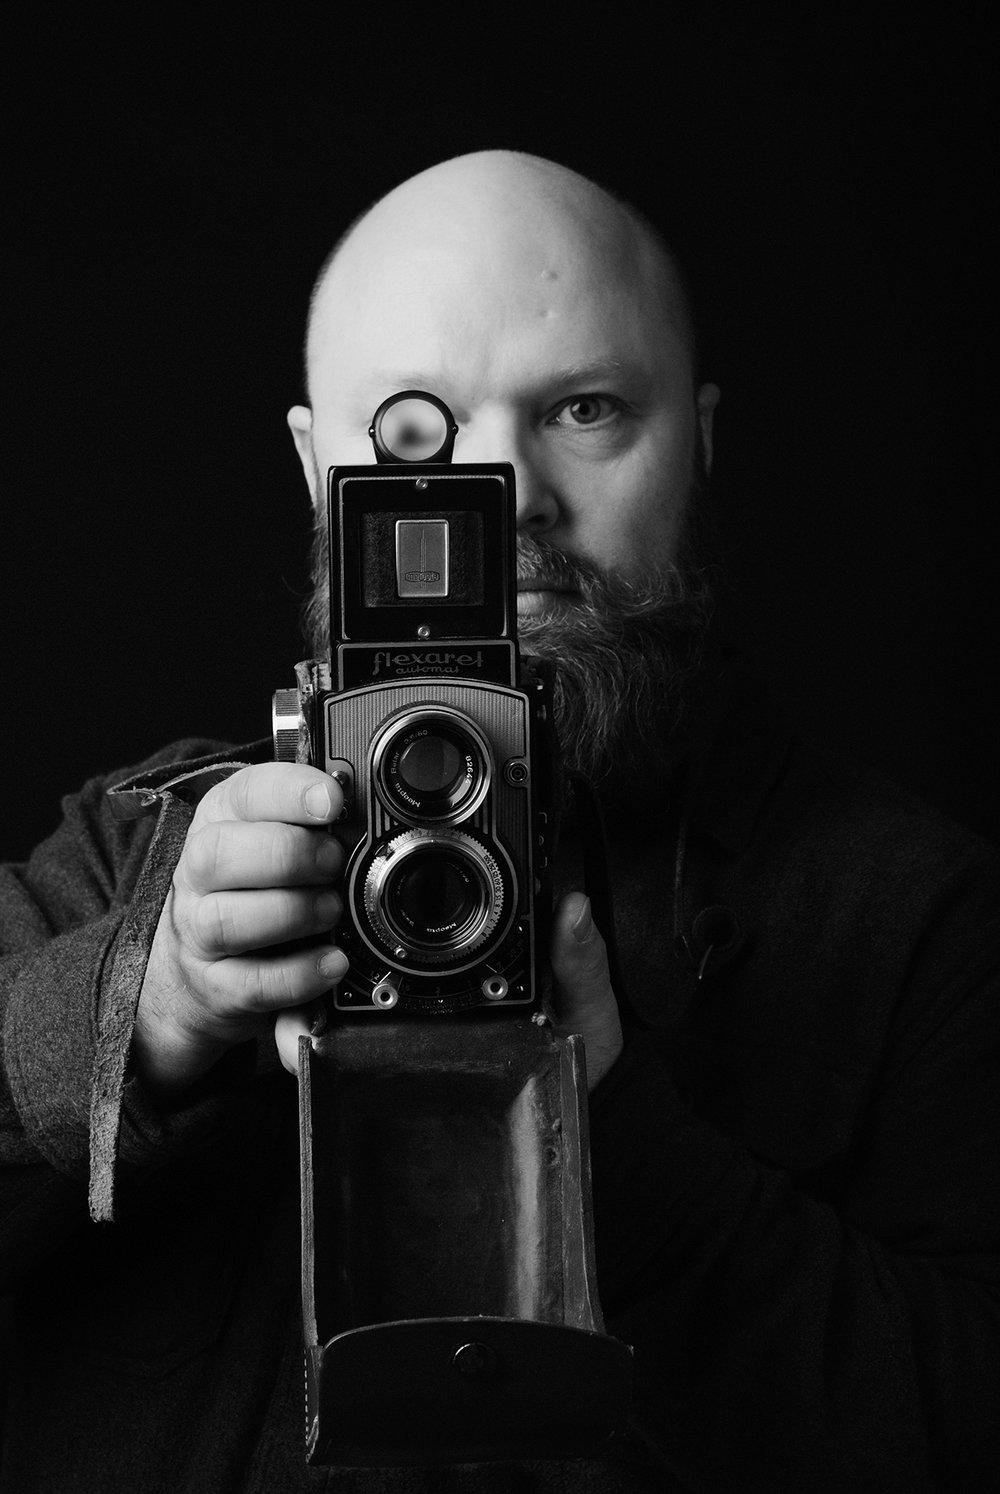 Arto Karvonen - Arto Karvonen on graafinen suunnittelija ja valokuvaaja. Fida Internationalin kohteissa kolmella maanosalla ihmisiä kuvannut Karvonen on havahtunut huomaamaan miten kuvaustilanteissa pieniin yksityiskohtiin keskittyminen saa aikaan isoja muutoksia visuaalisessa tarinankerronnassa.